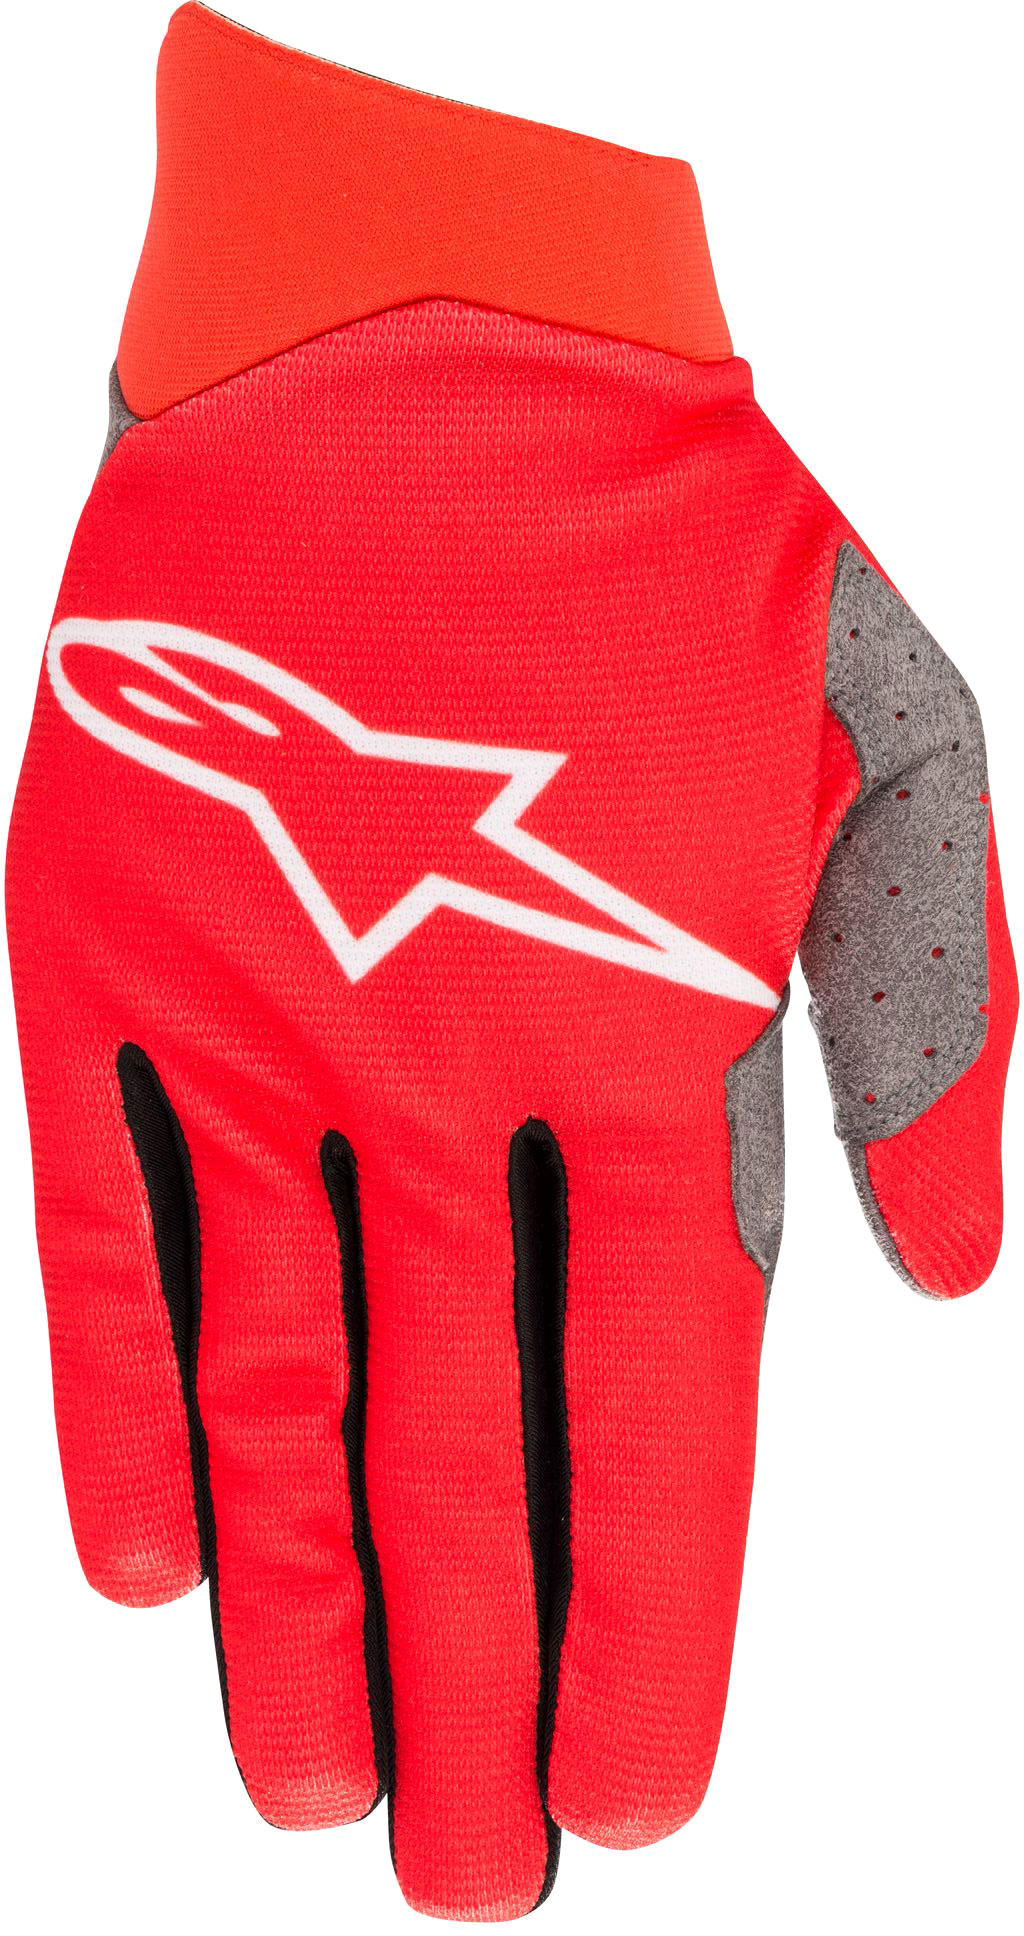 Alpinestars Dune S19, Handschuhe - Rot - M 3562519-30-M